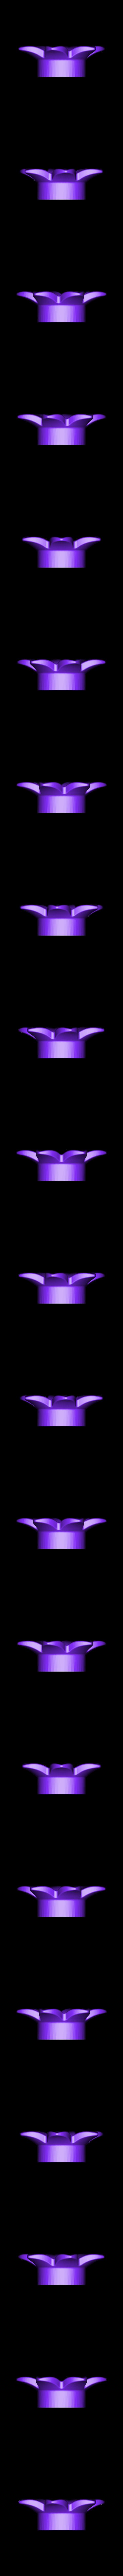 HAUT ANANAS 1.STL Télécharger fichier STL ANANAS • Modèle imprimable en 3D, BOUTIN